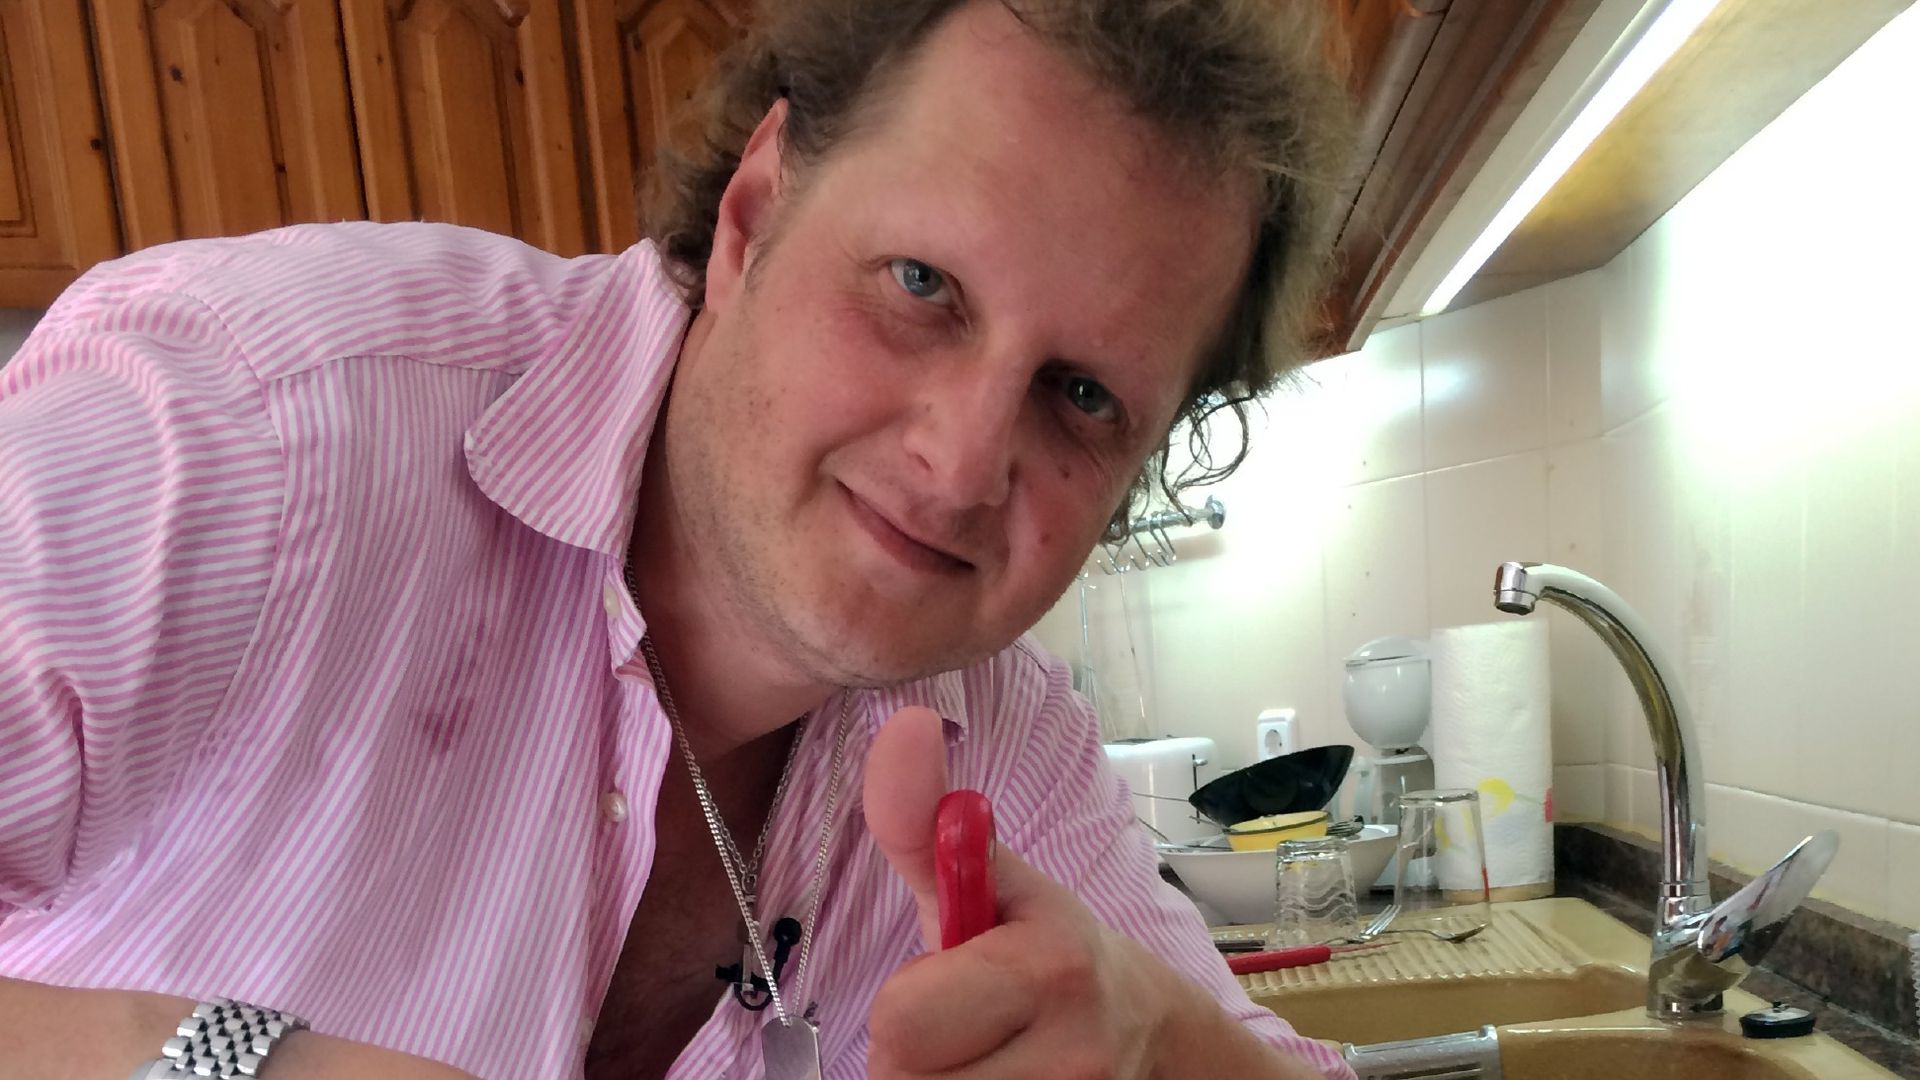 Jens Büchner floppt mit Hotel-Geschäftsidee | Promiflash.de